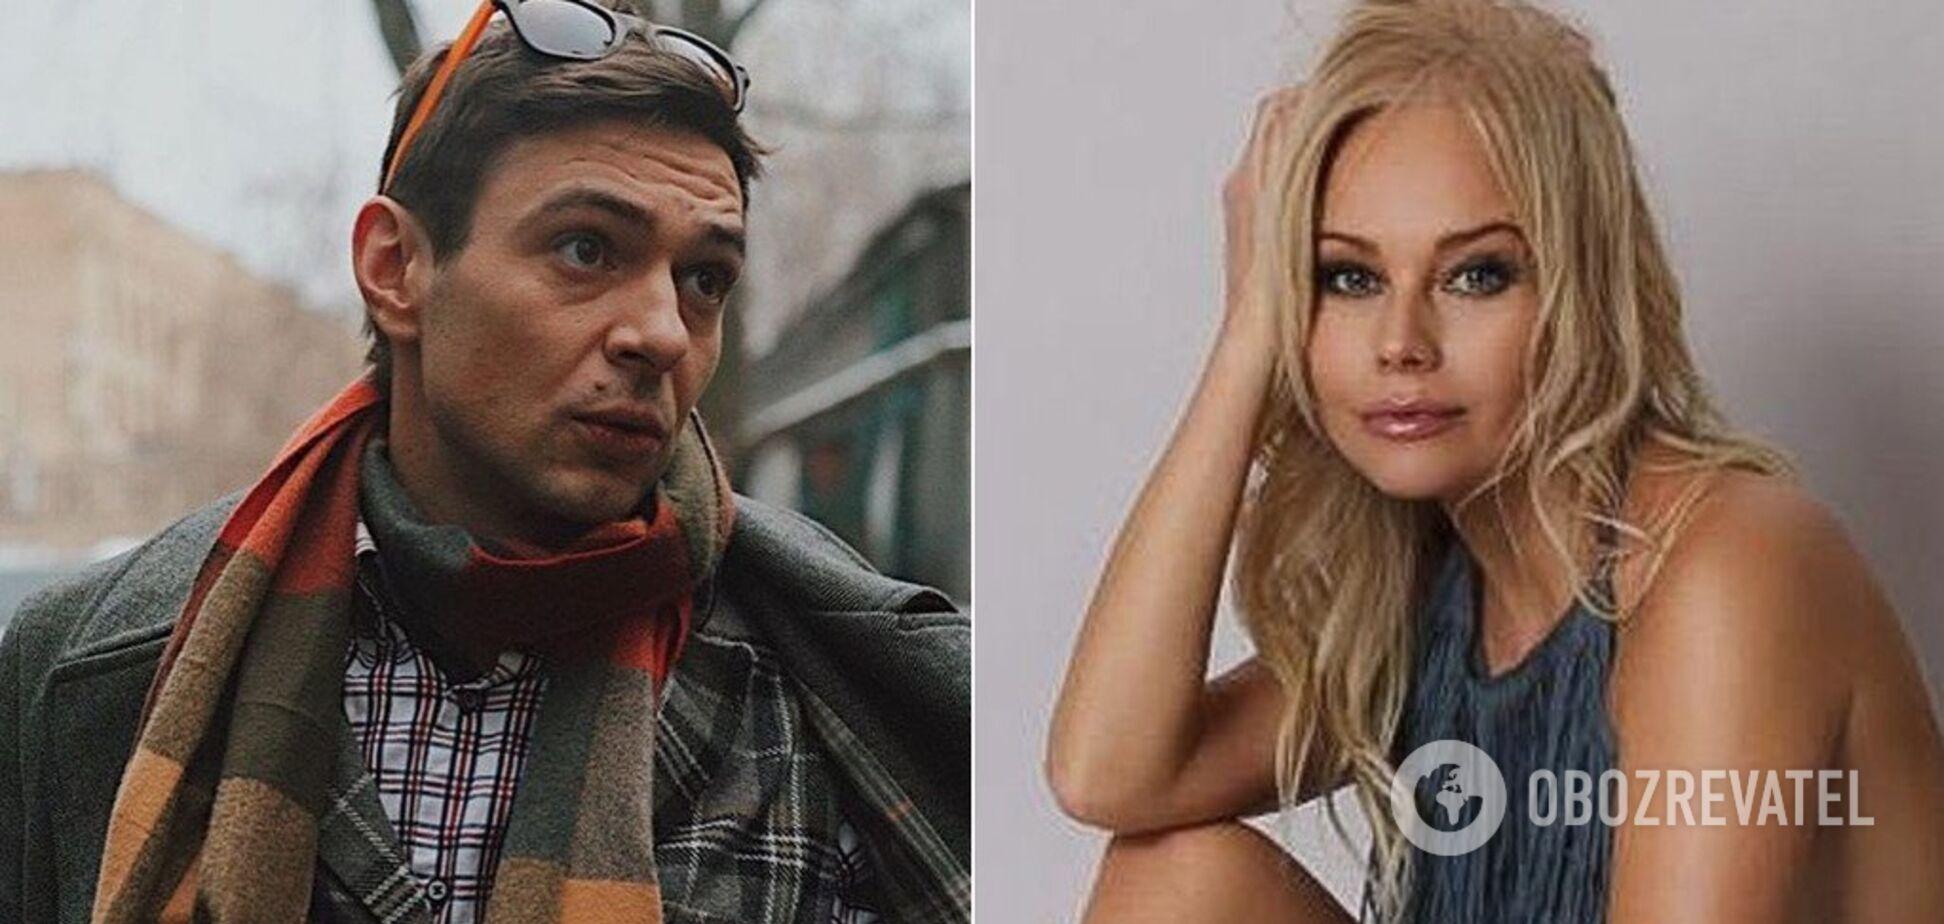 Пытались попасть обманом: что известно об актерах из РФ, которым запретили въезд в Украину на 10 лет